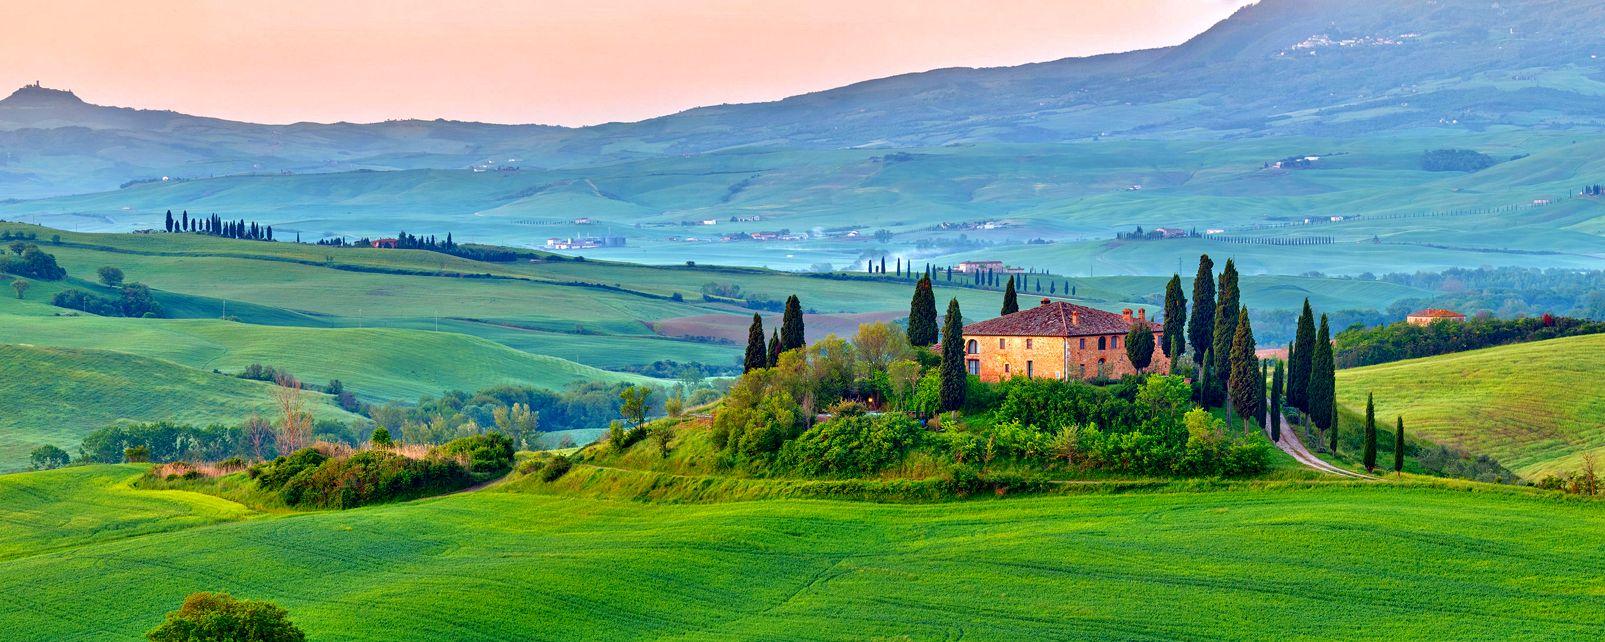 Val D Orcia Tuscany Italy